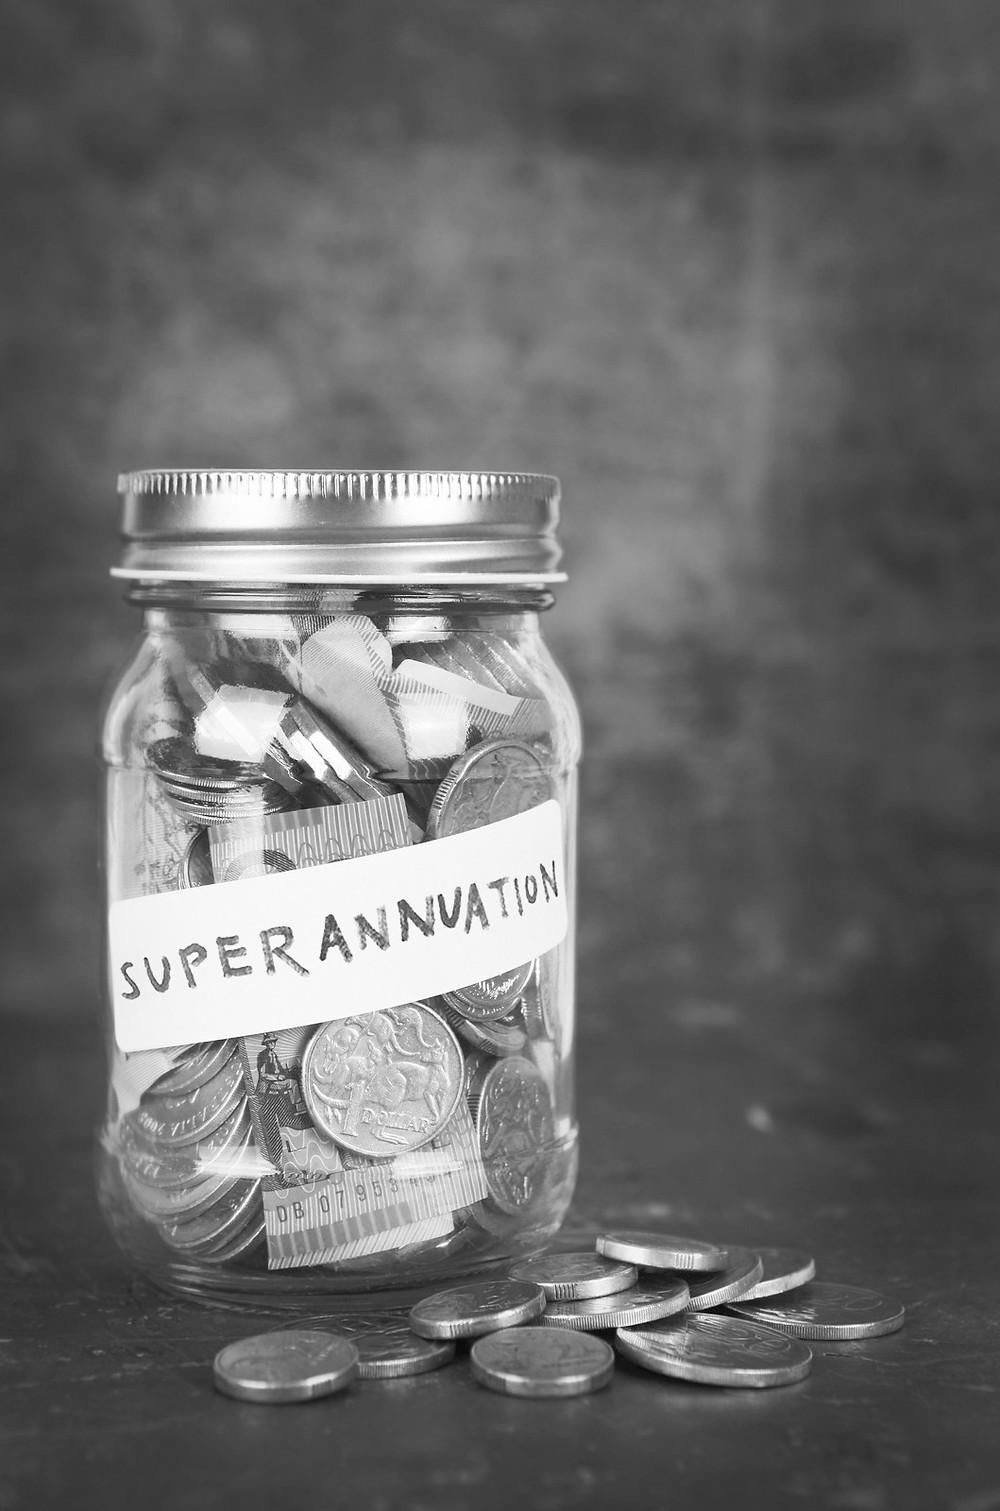 Superannuation: A Forgotten Asset